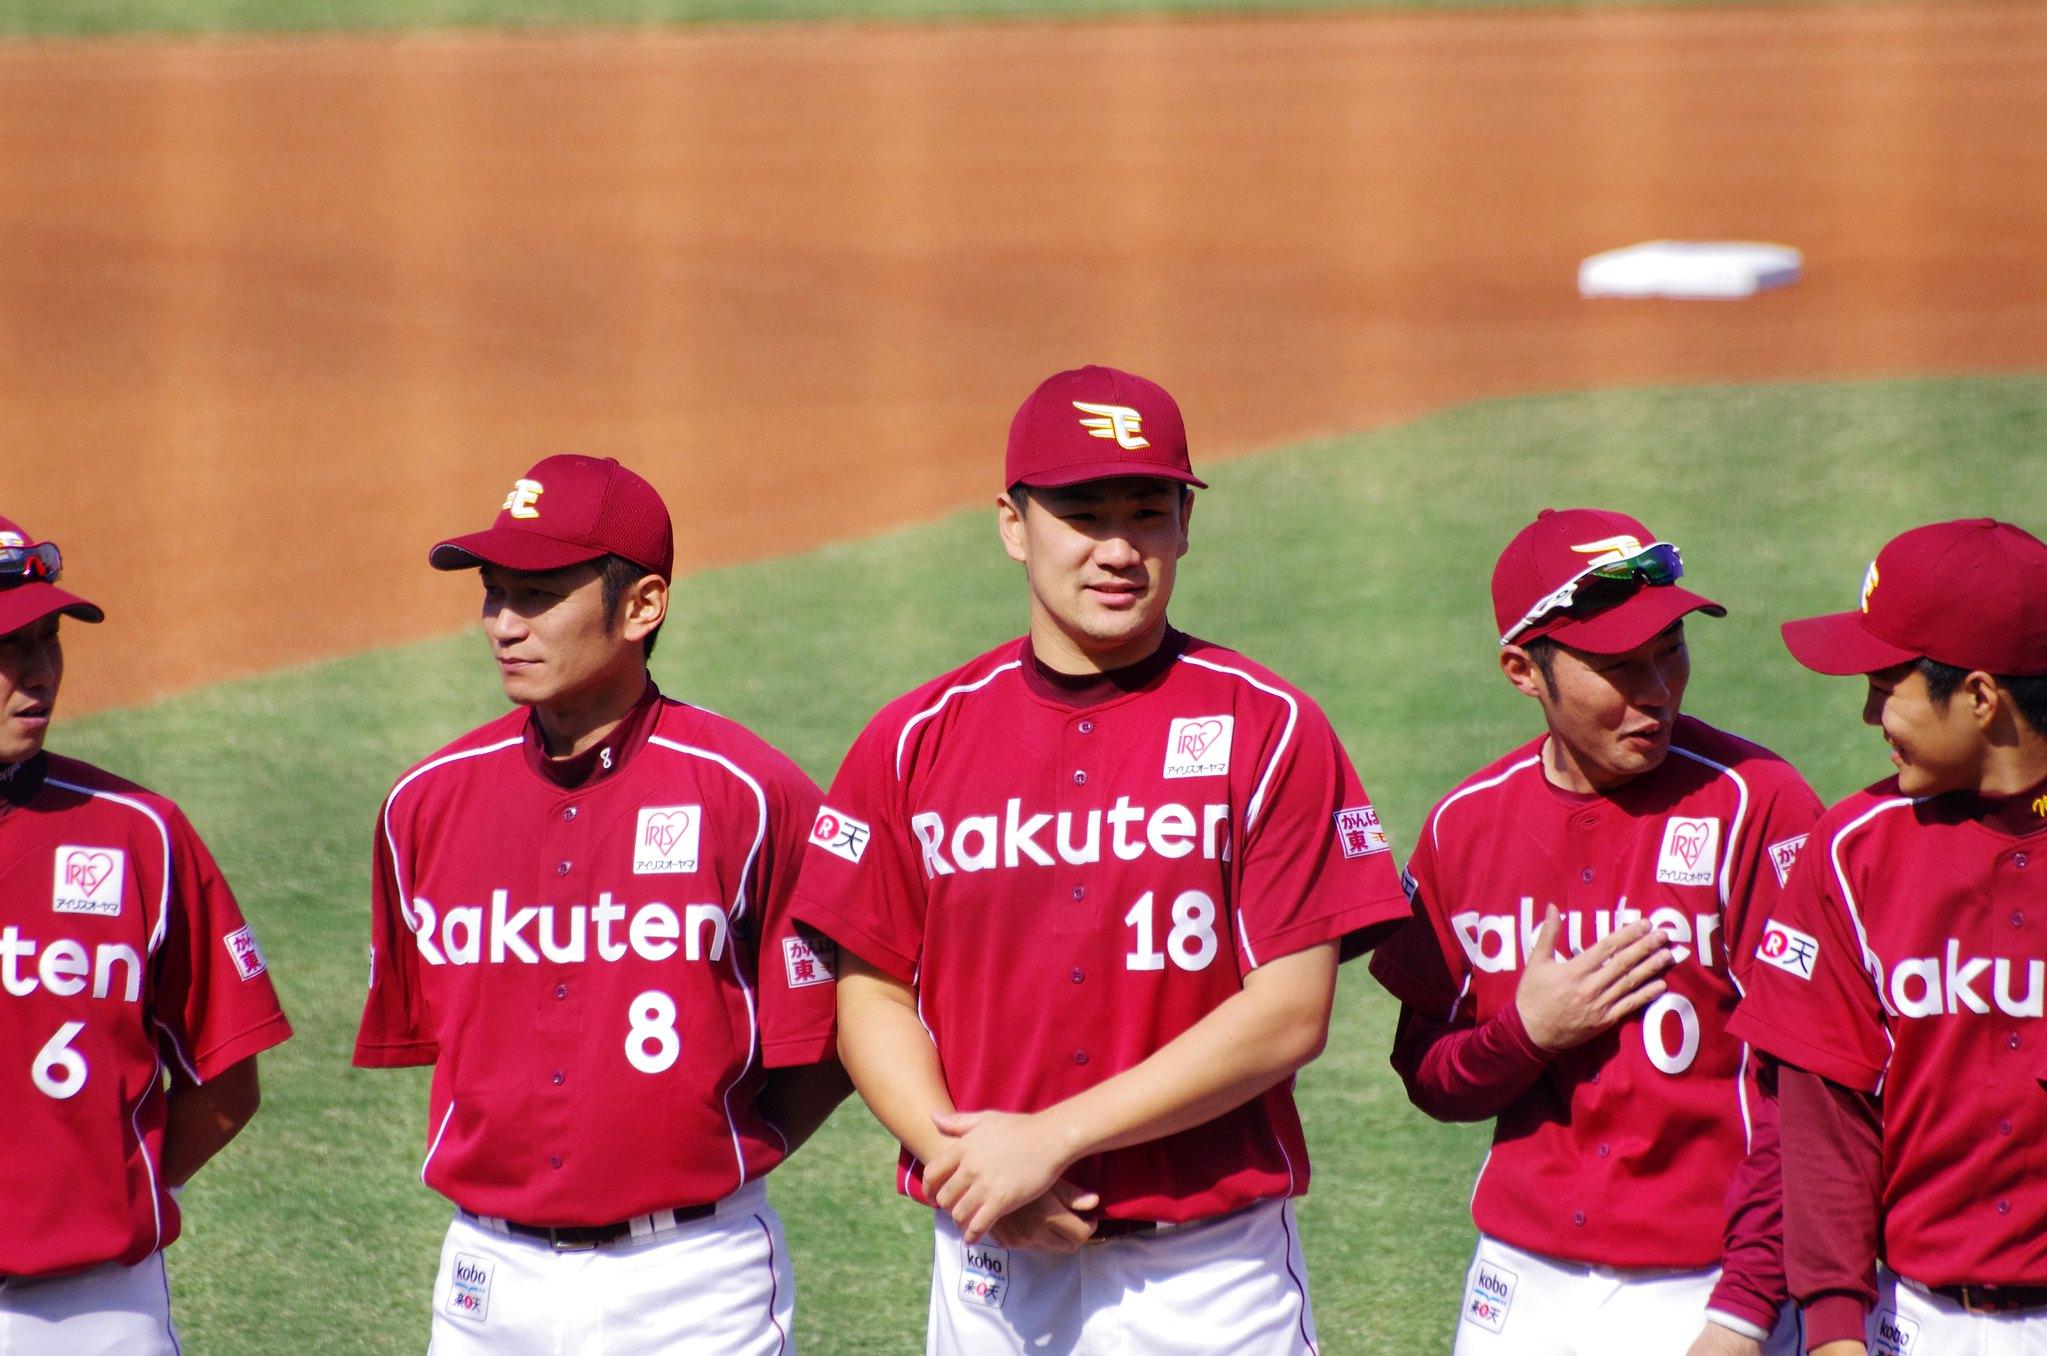 亞洲職棒大賽半日遊